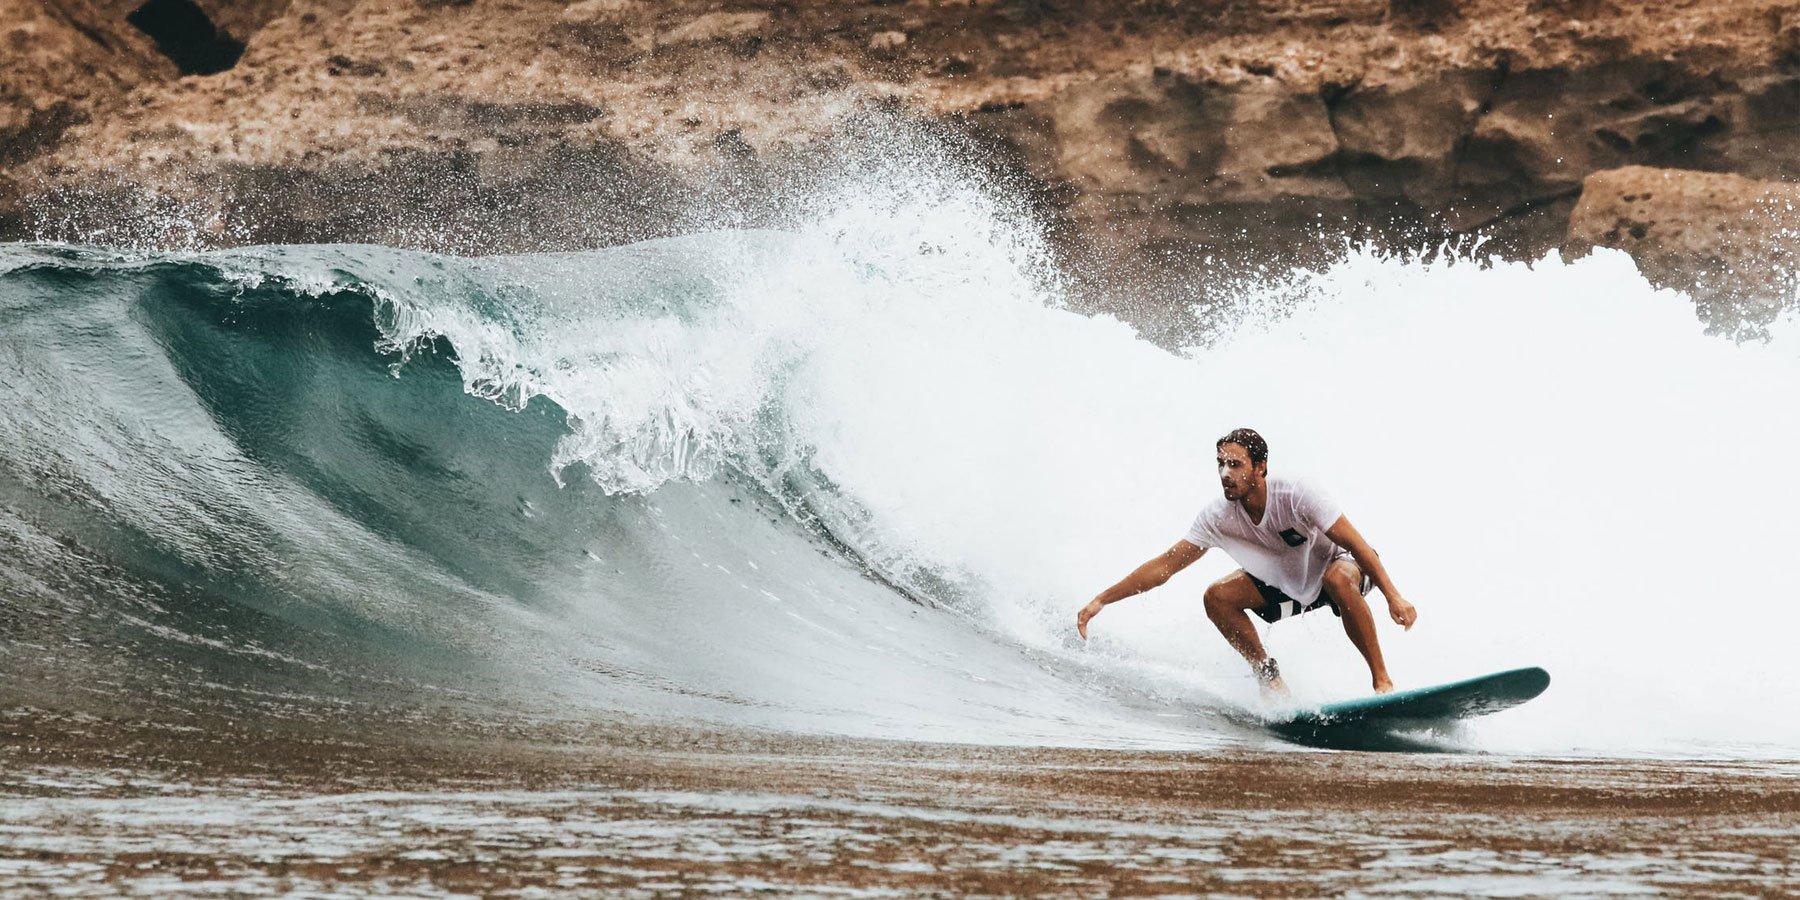 Quelle crème solaire choisir pour surfer en toute sécurité?